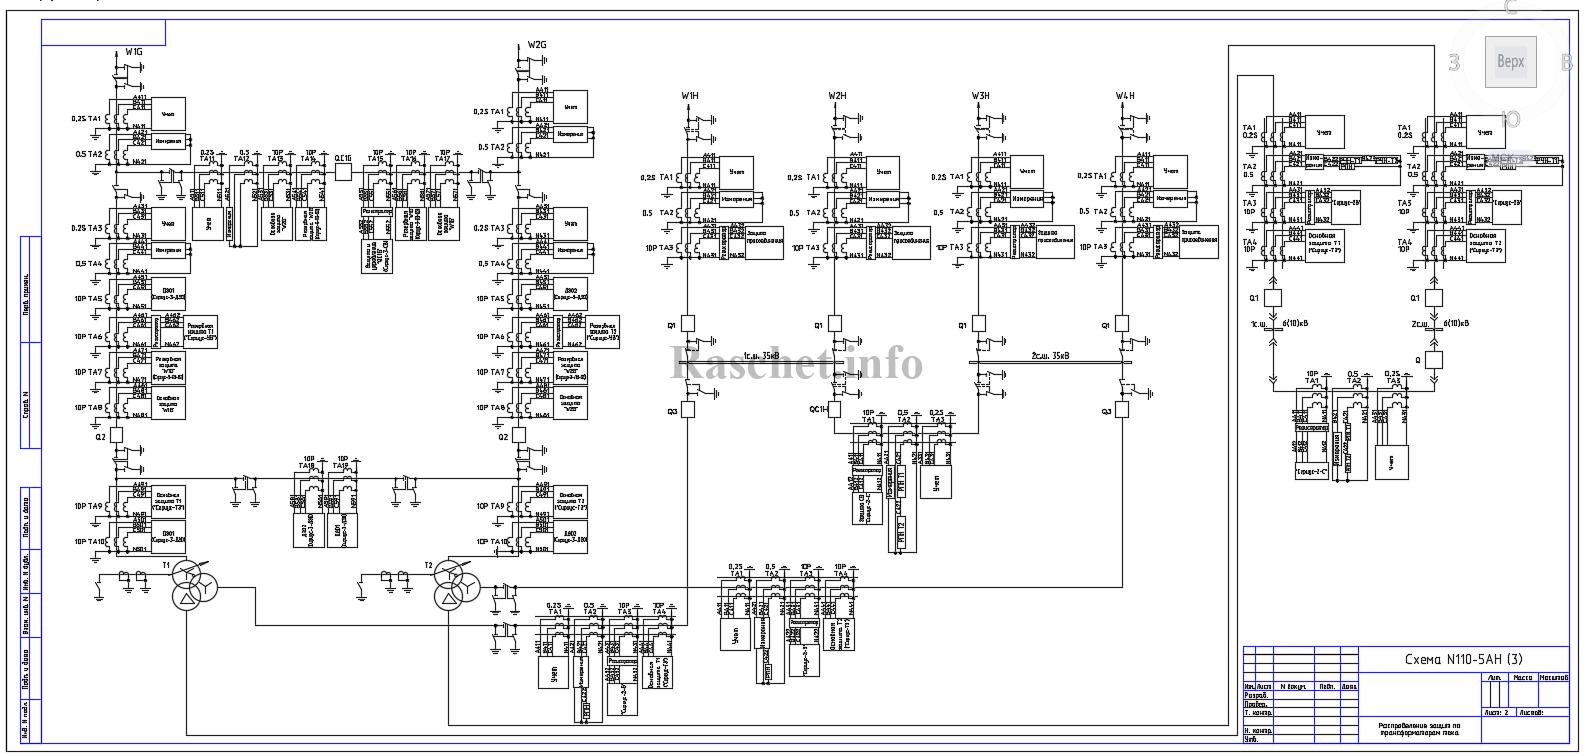 Распределение защит по ТТ для схемы №110-5AН с трехобмоточным трансформатором